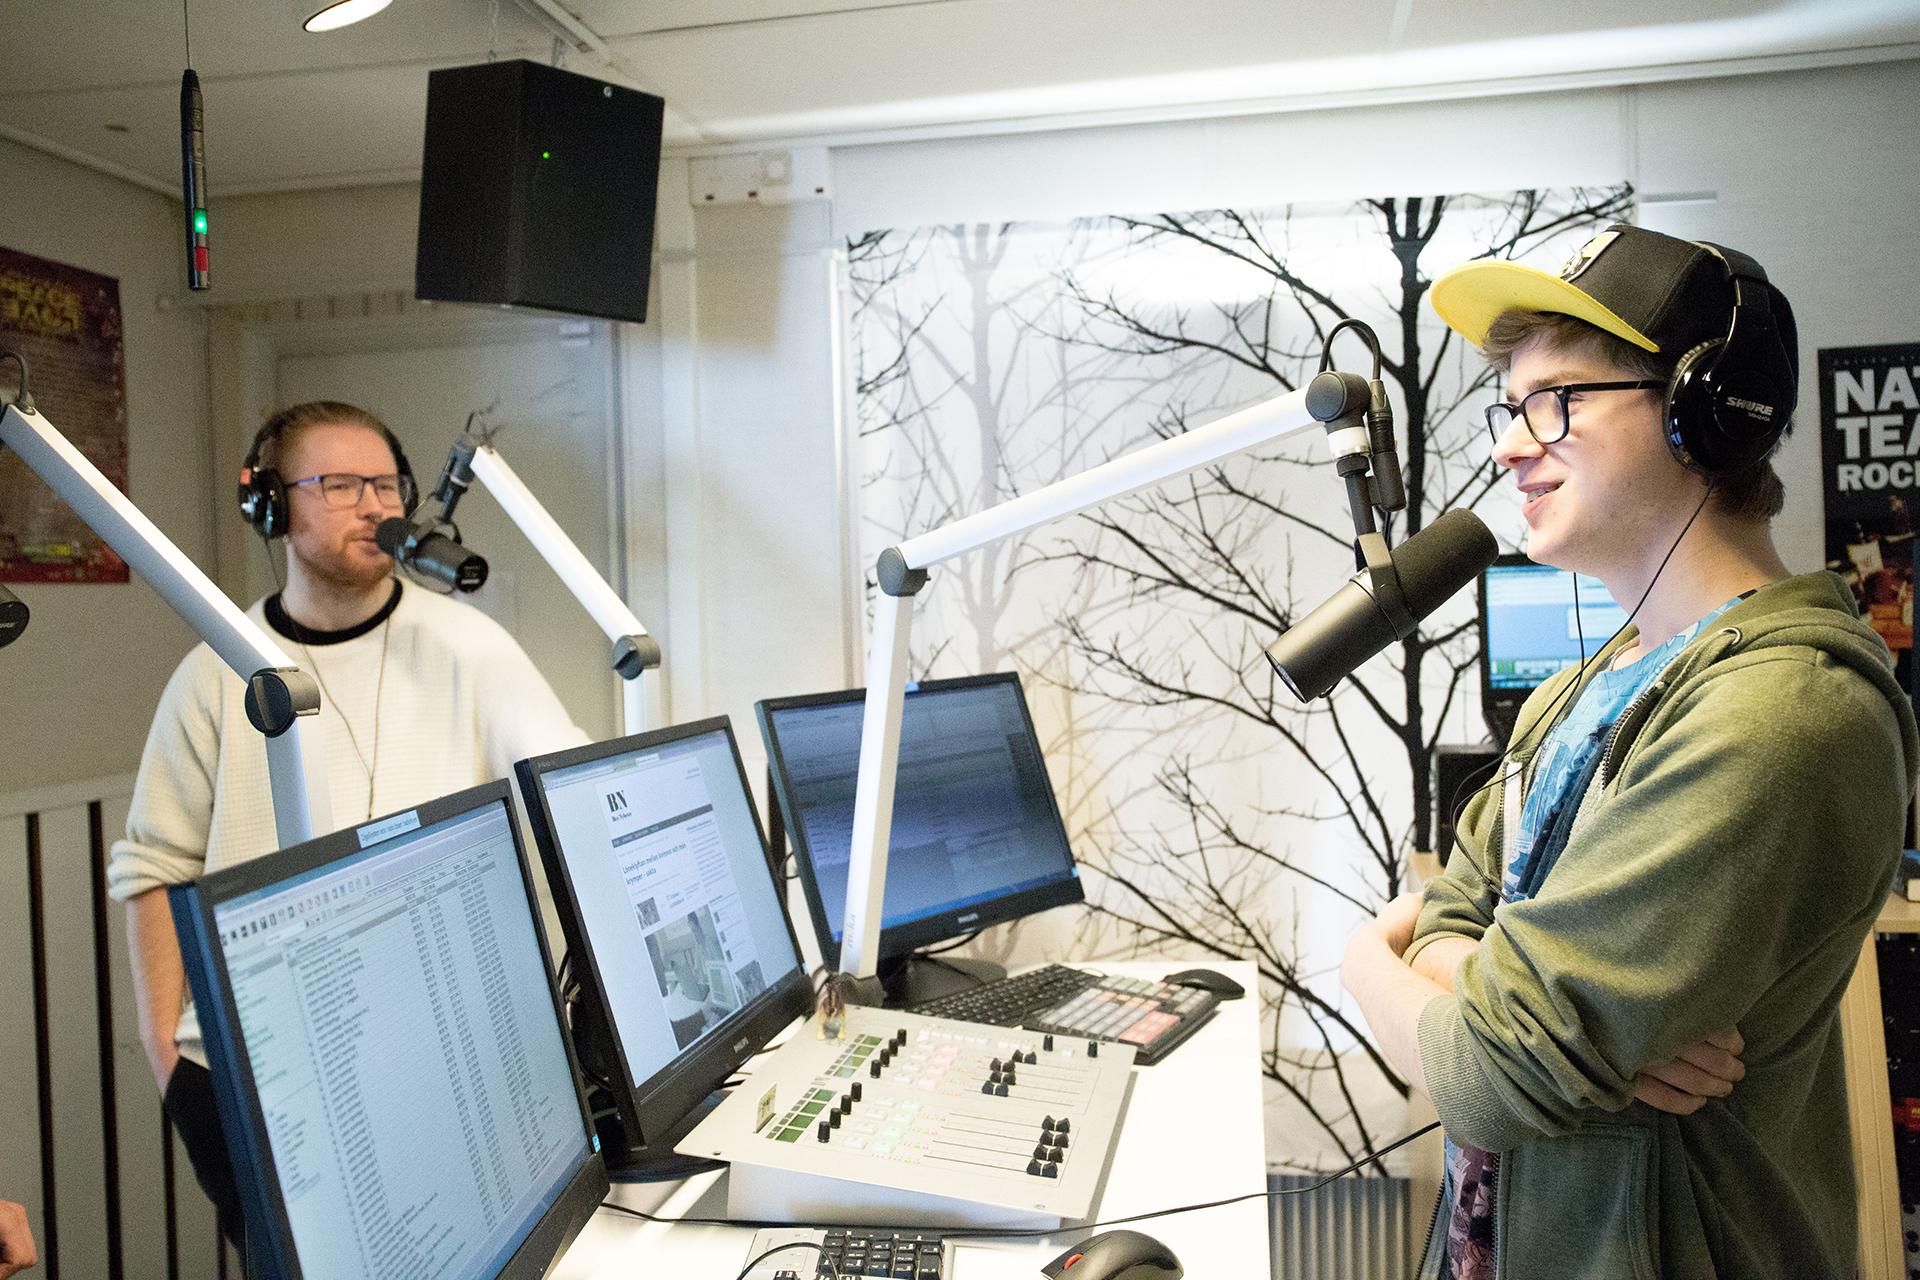 Bollnäs folkhögskolas radiostudio